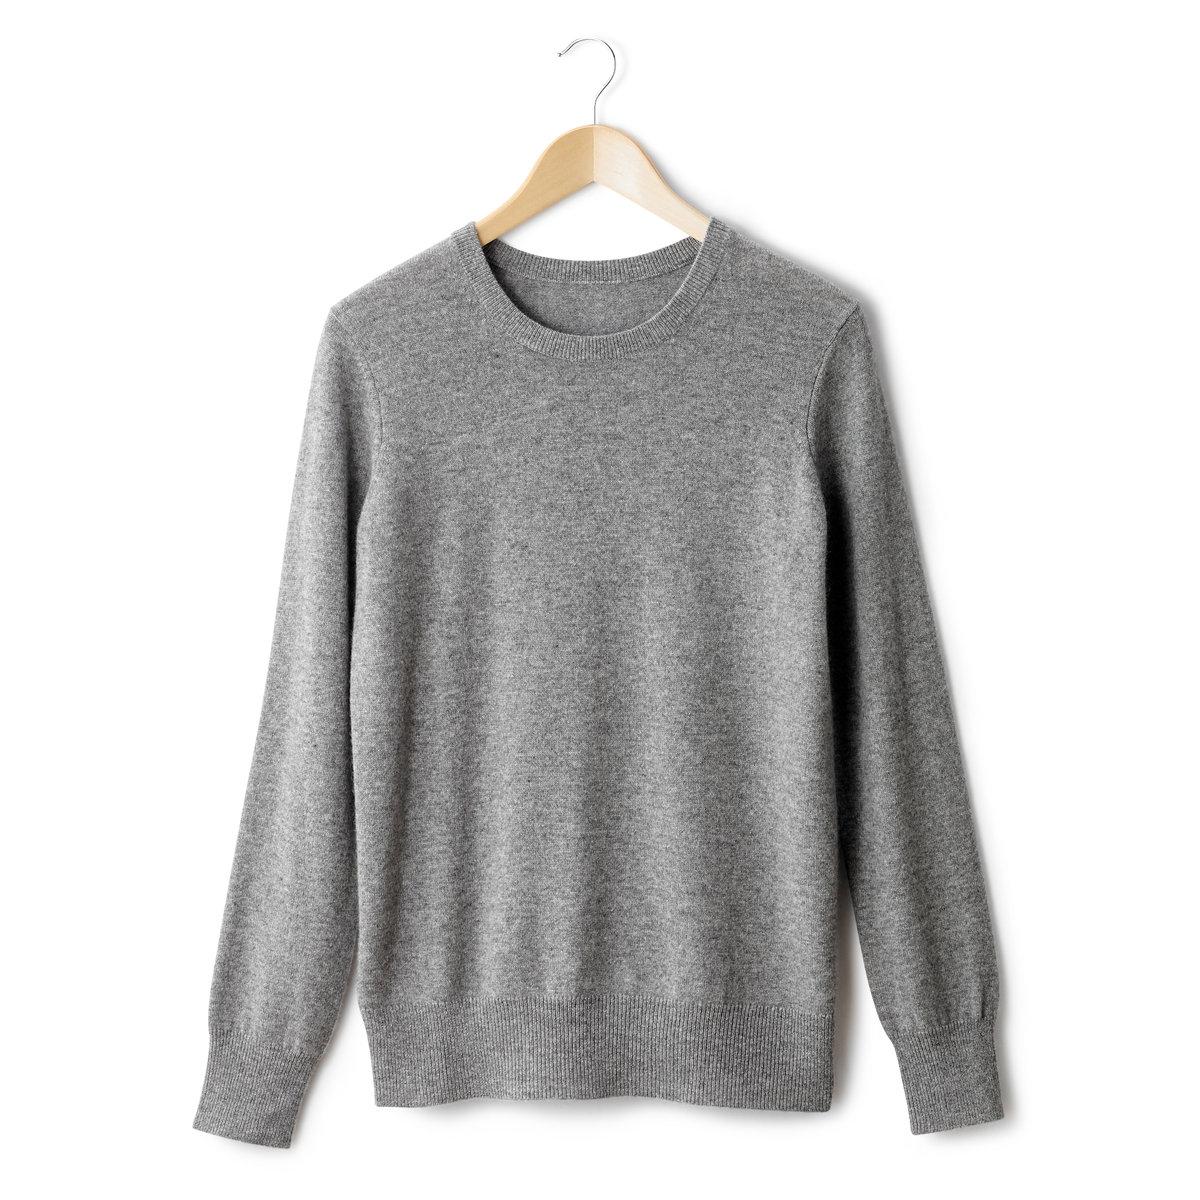 Пуловер с круглым вырезом, 100% кашемираПуловер с круглым вырезом и длинными рукавами. Края рукавов и низа связаны в рубчик. Джерси, 100% кашемира.Длина 64 см.<br><br>Цвет: серый меланж